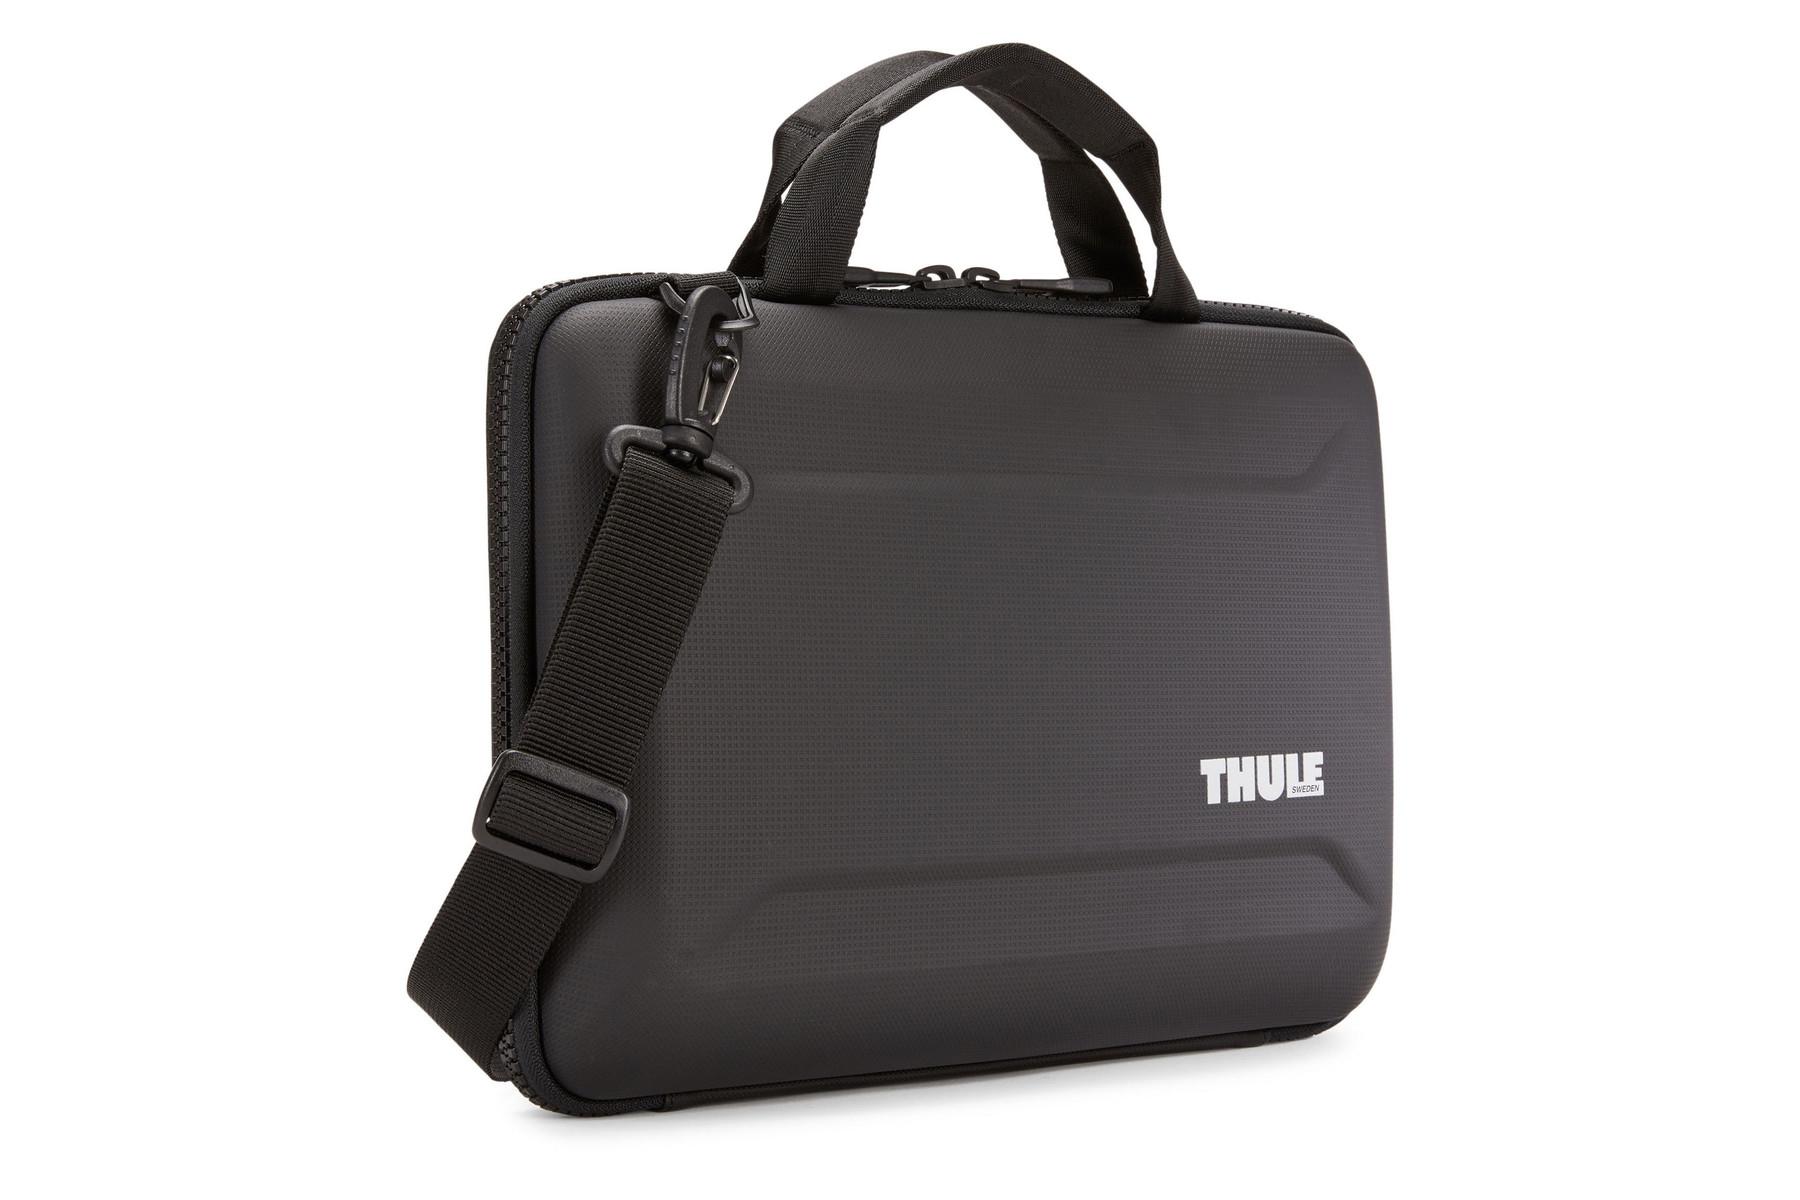 Thule Gauntlet TGAE2355 Laptop Shoulder Bag